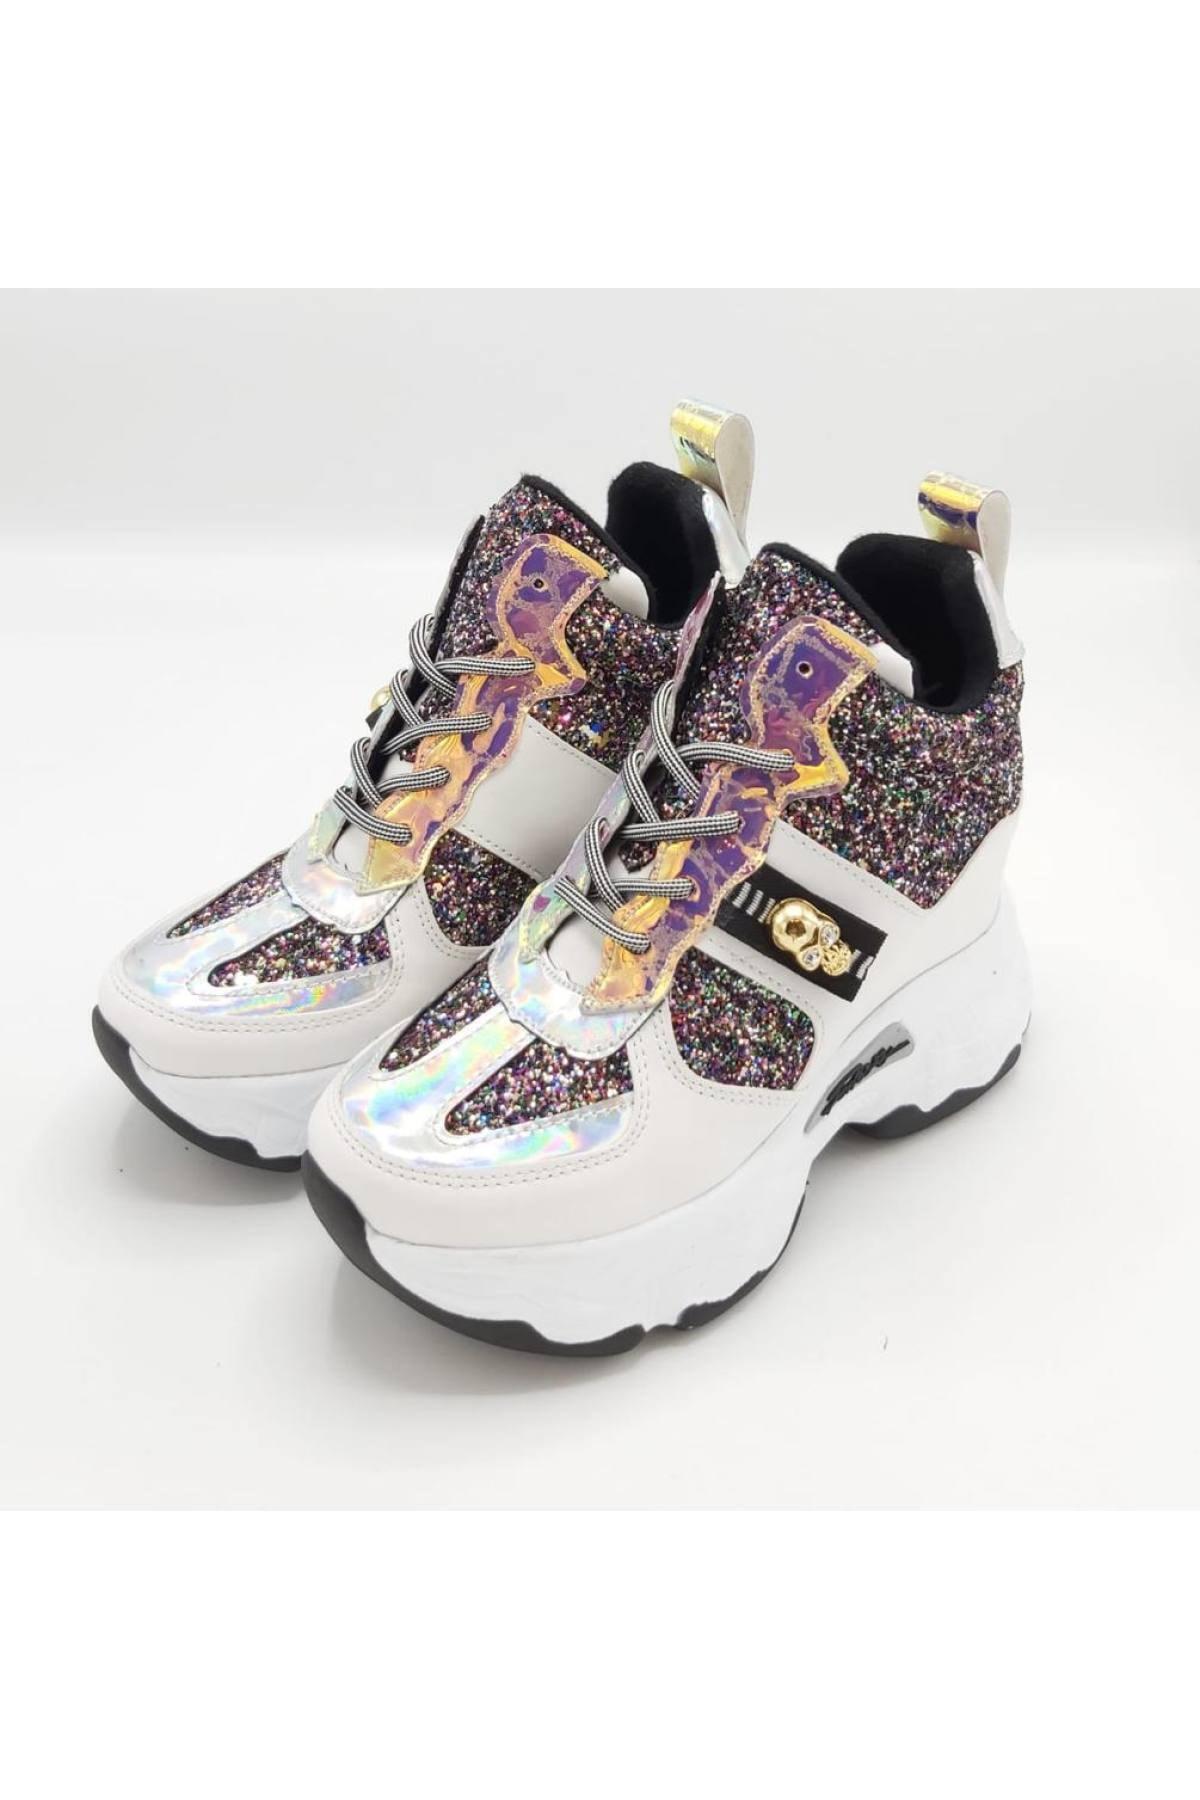 CassidoShoes Kadın Beyaz Spor Bot 1